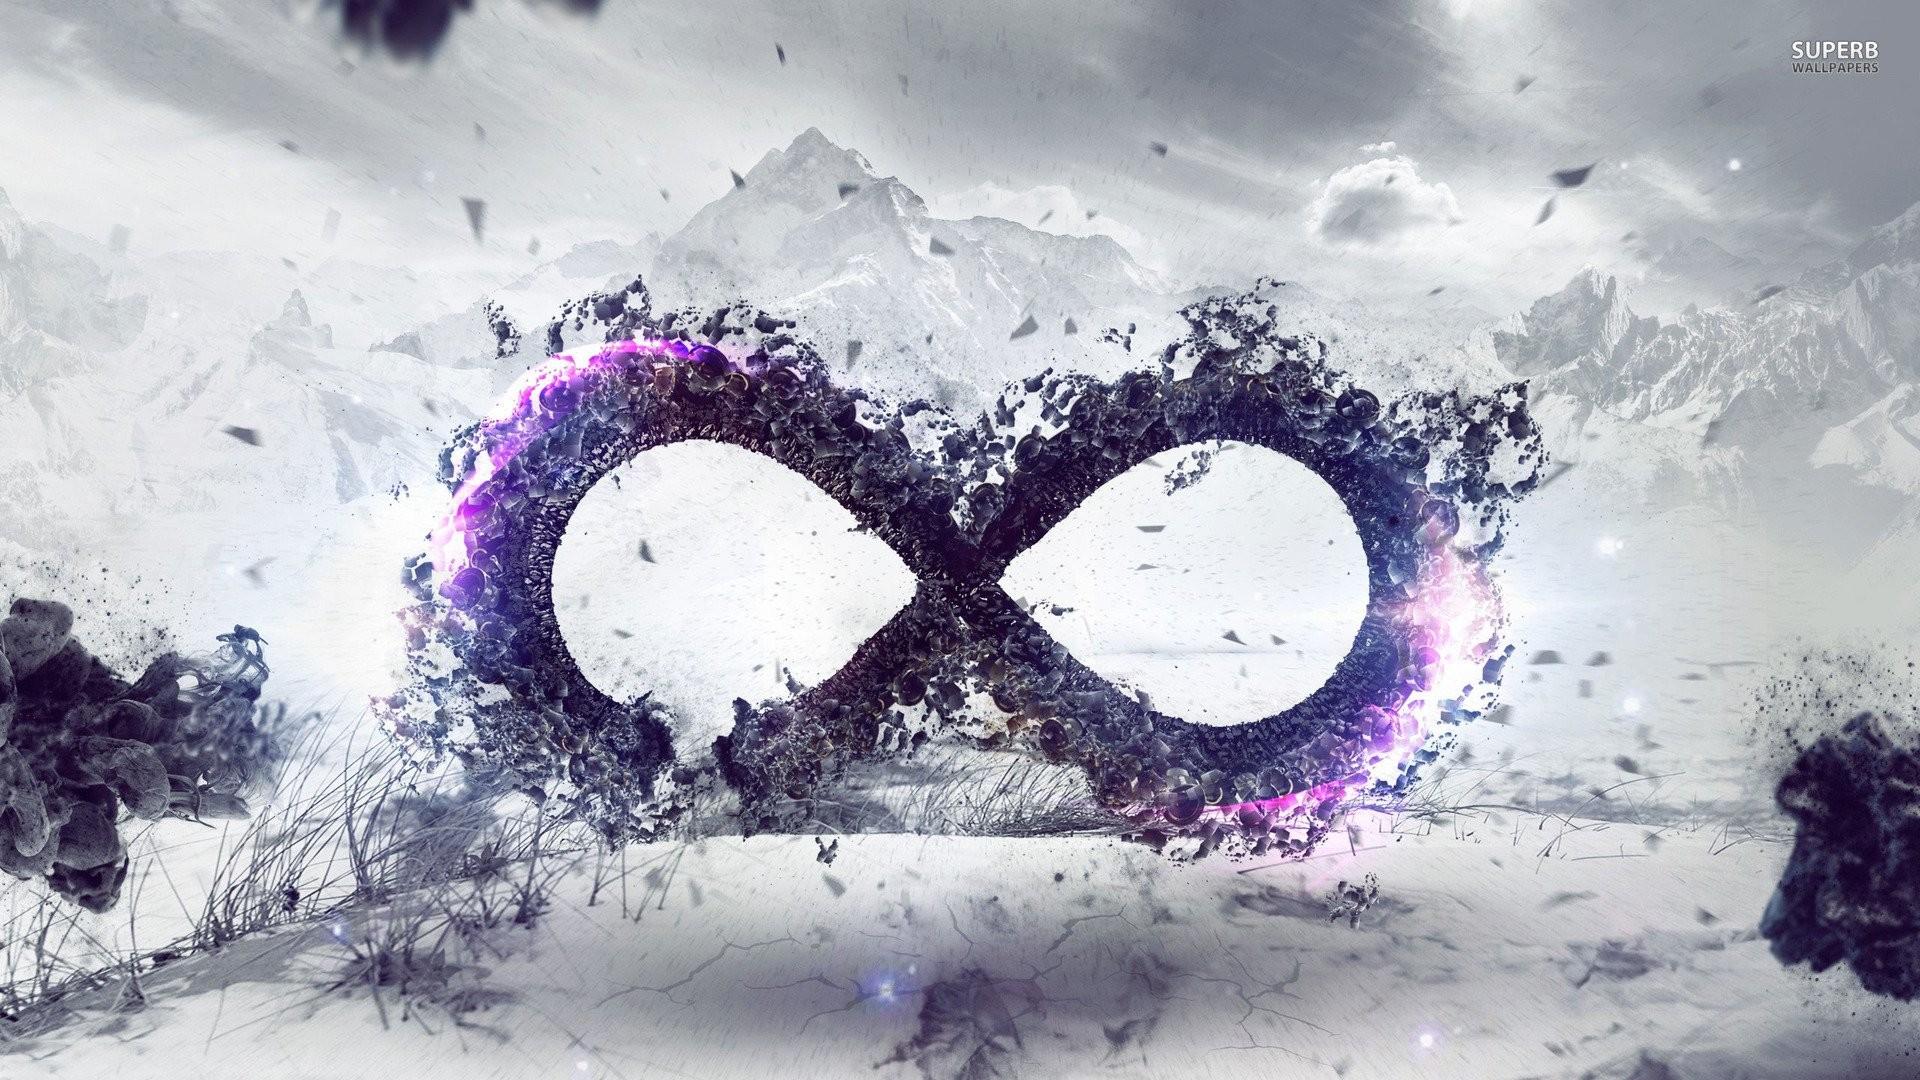 Infinity 536450